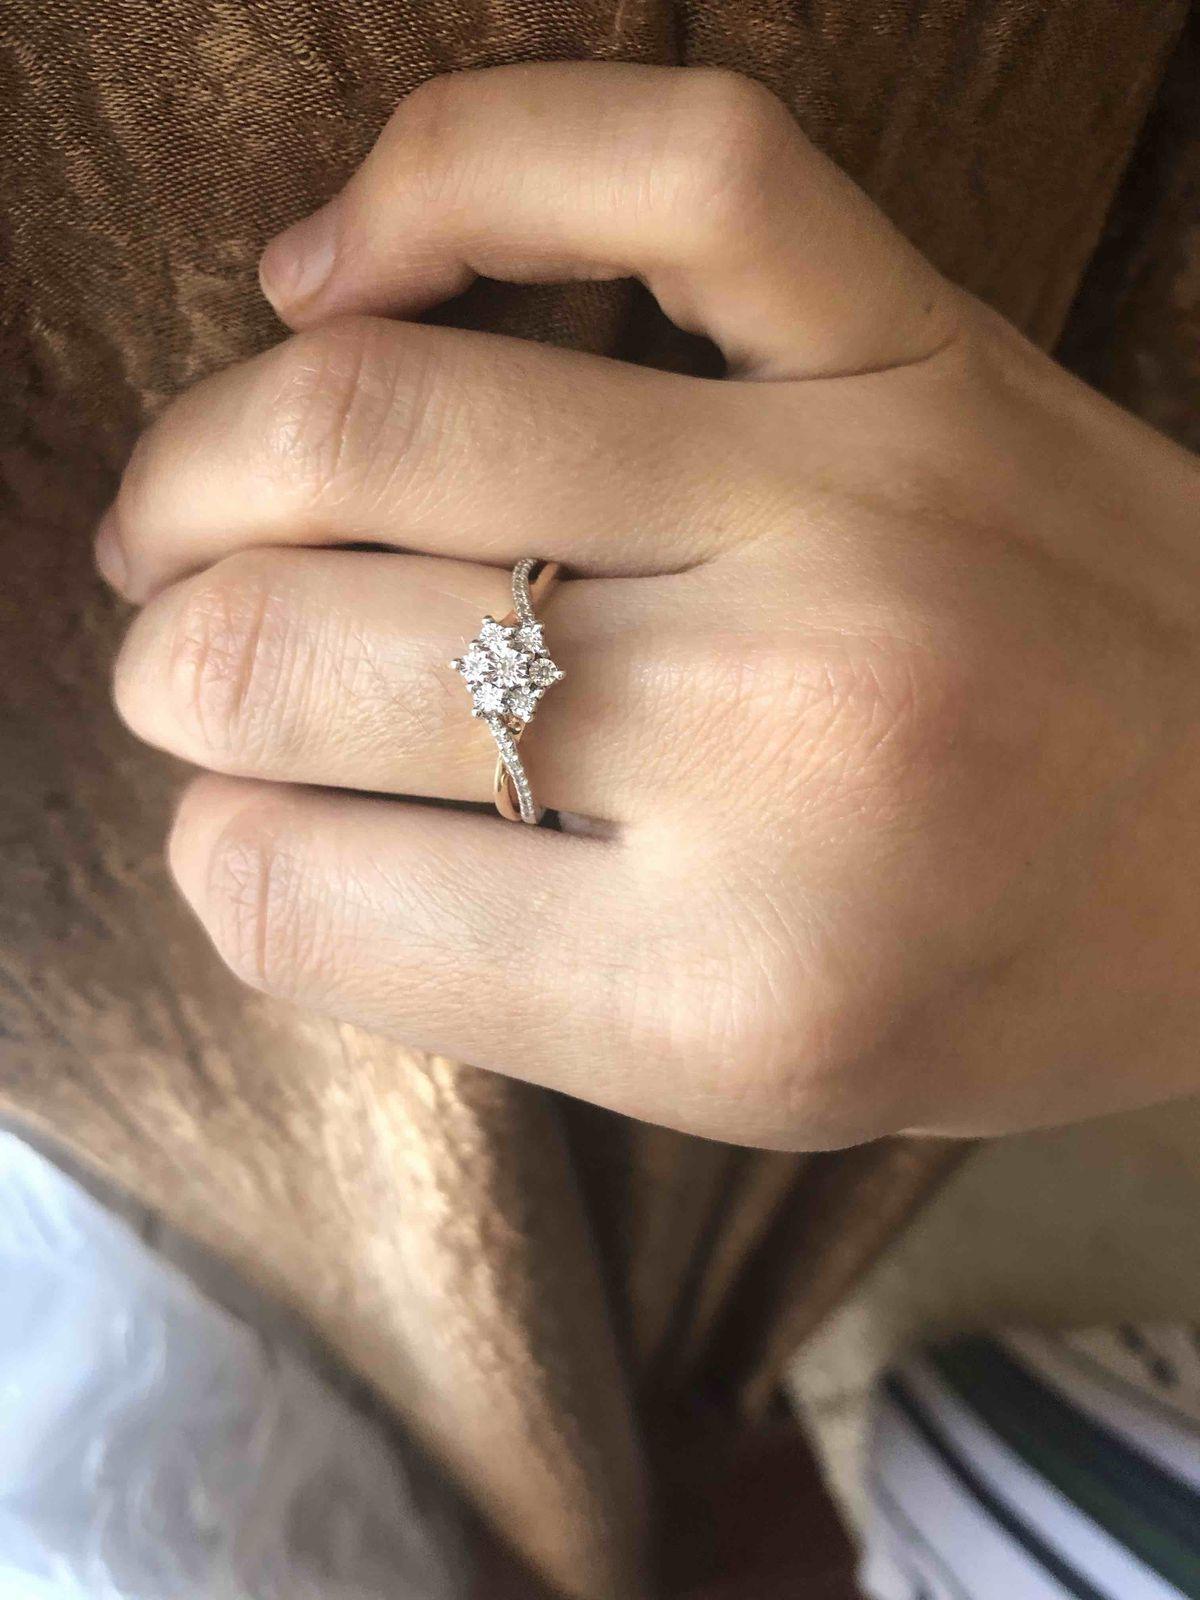 Нежное кольцо с бриллиантами❤️❤️❤️❤️❤️